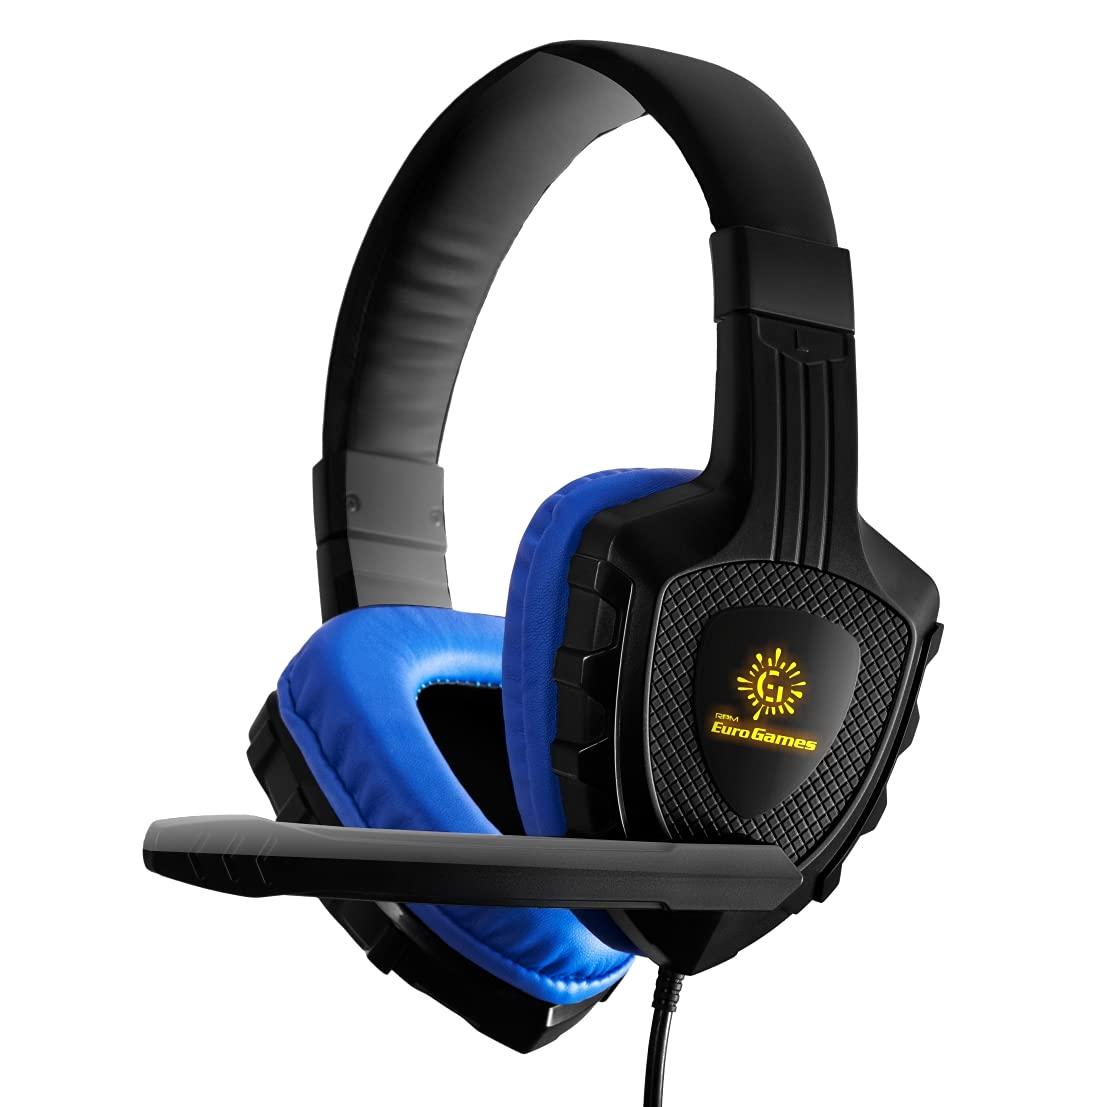 RPM Euro Games 3D Premium Gaming Headphones